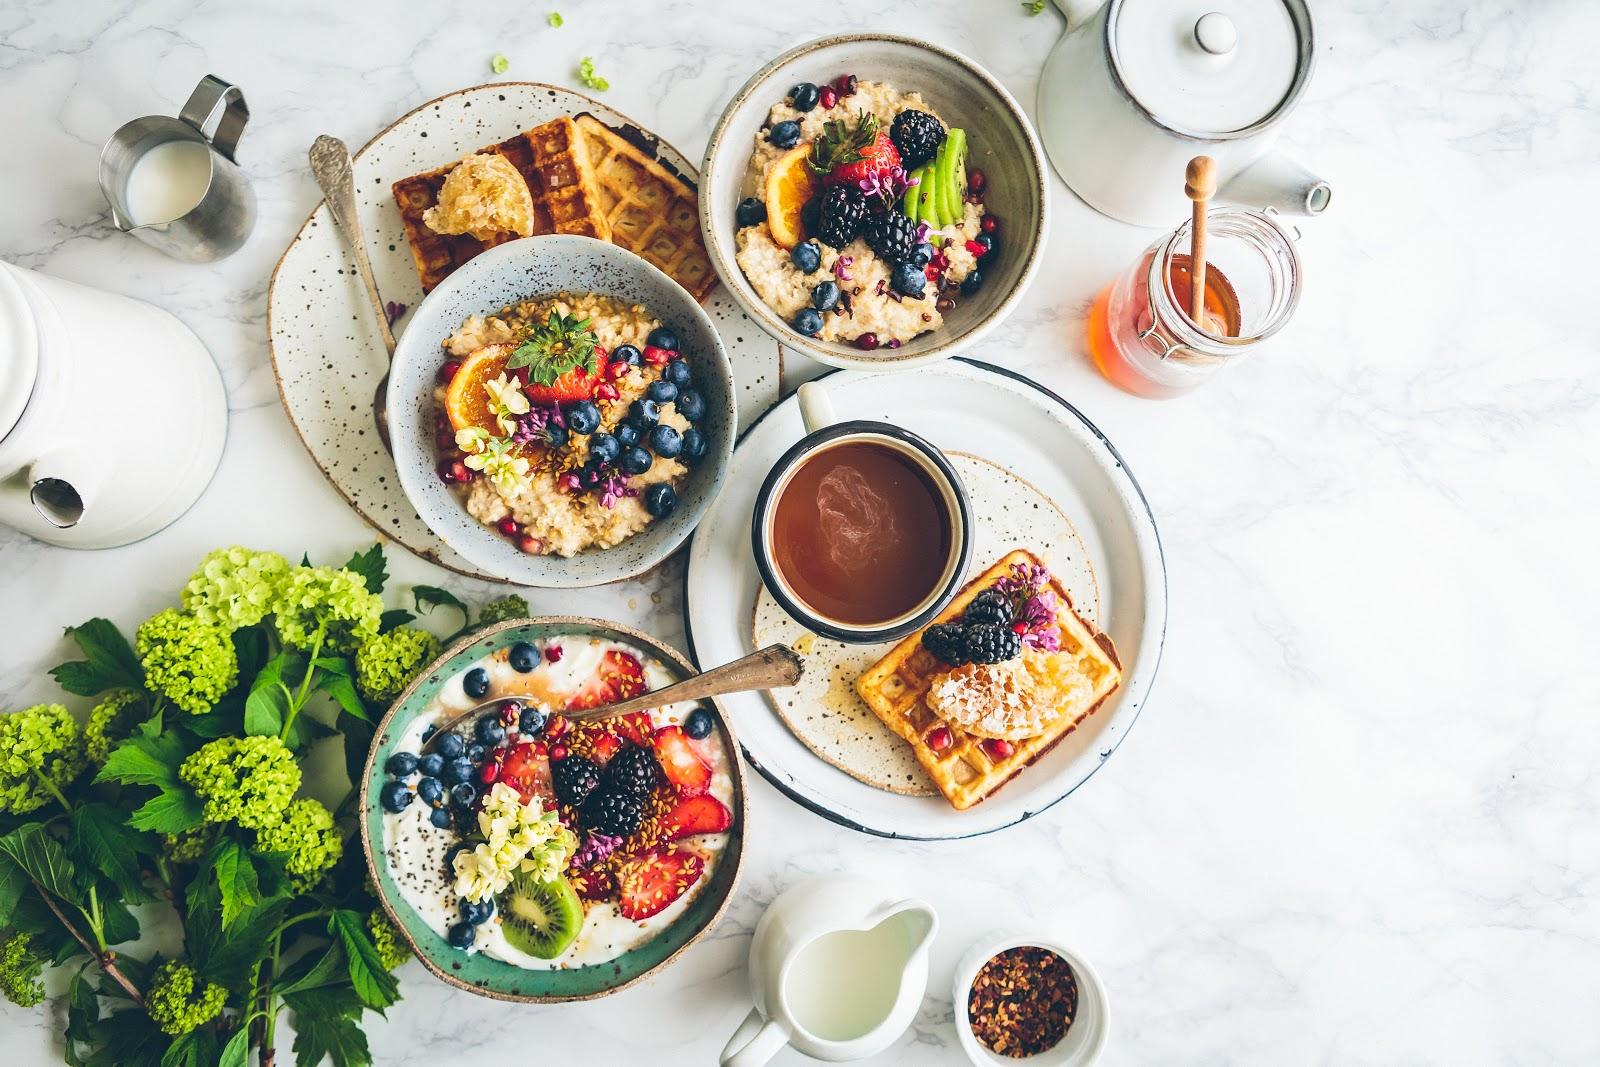 零食甜食狂吃? 原來是「早餐」惹的禍!增加總體飢餓感的渴望